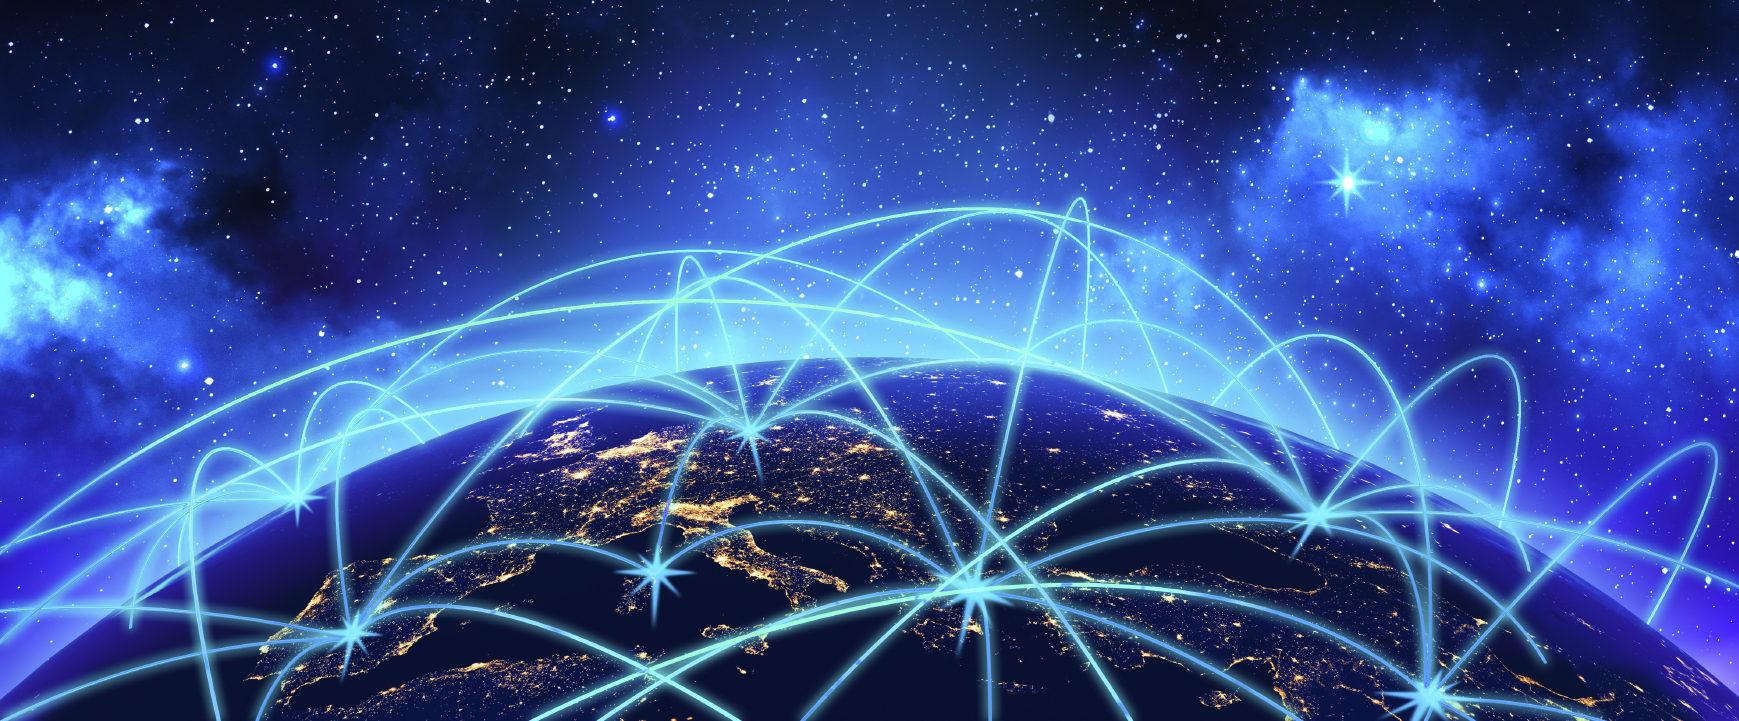 Net Net